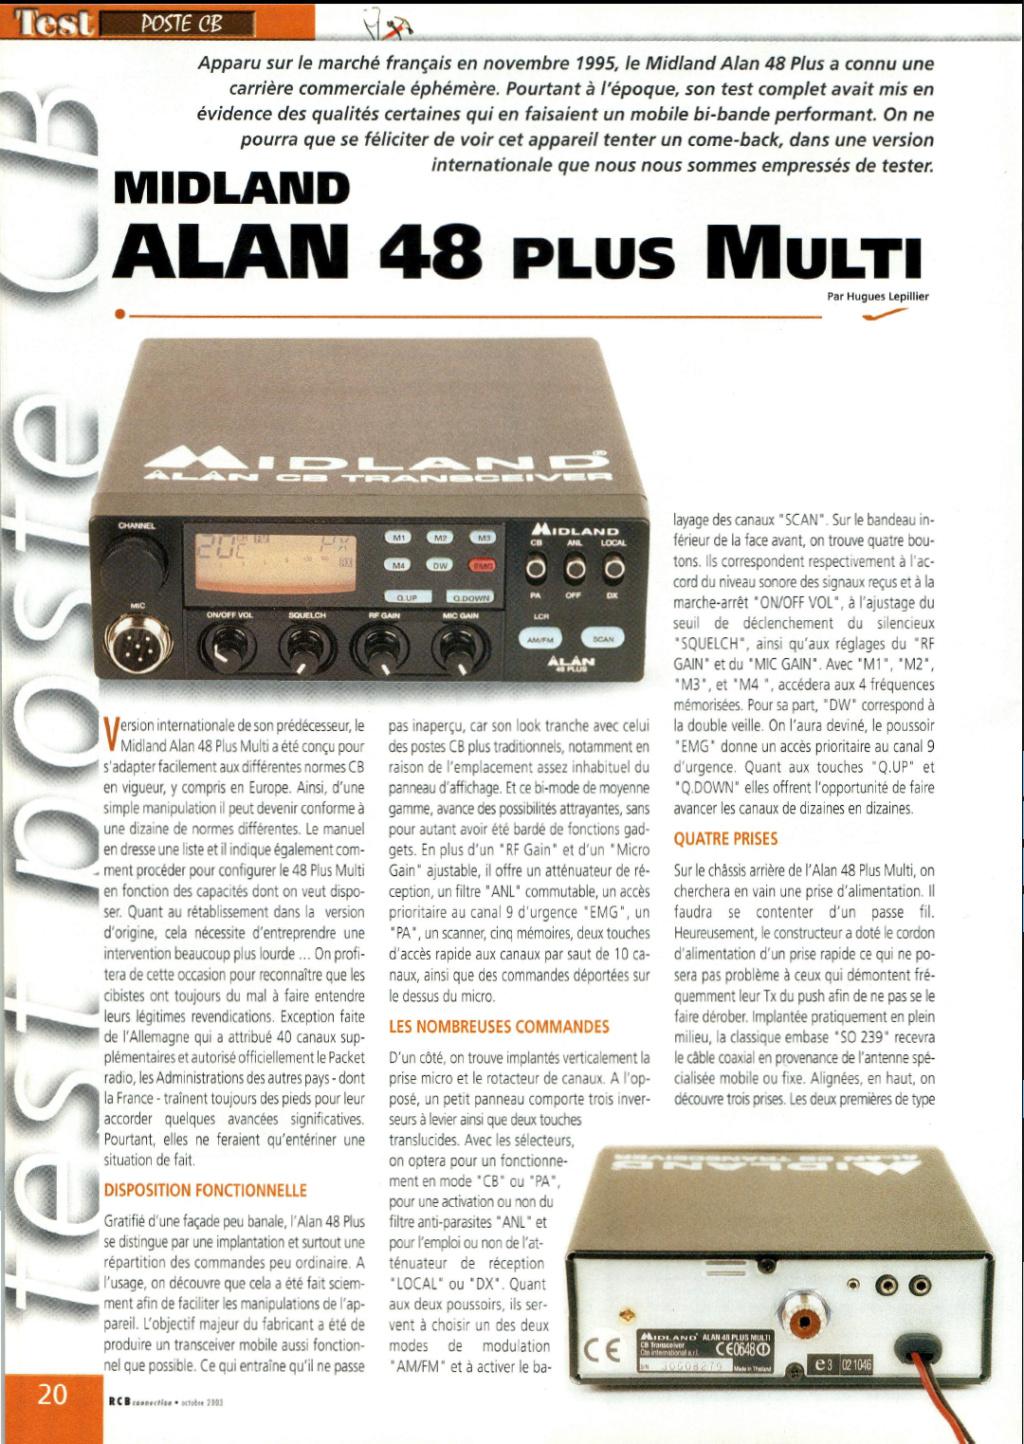 Midland Alan 48 plus Multi (Mobile) Captu269